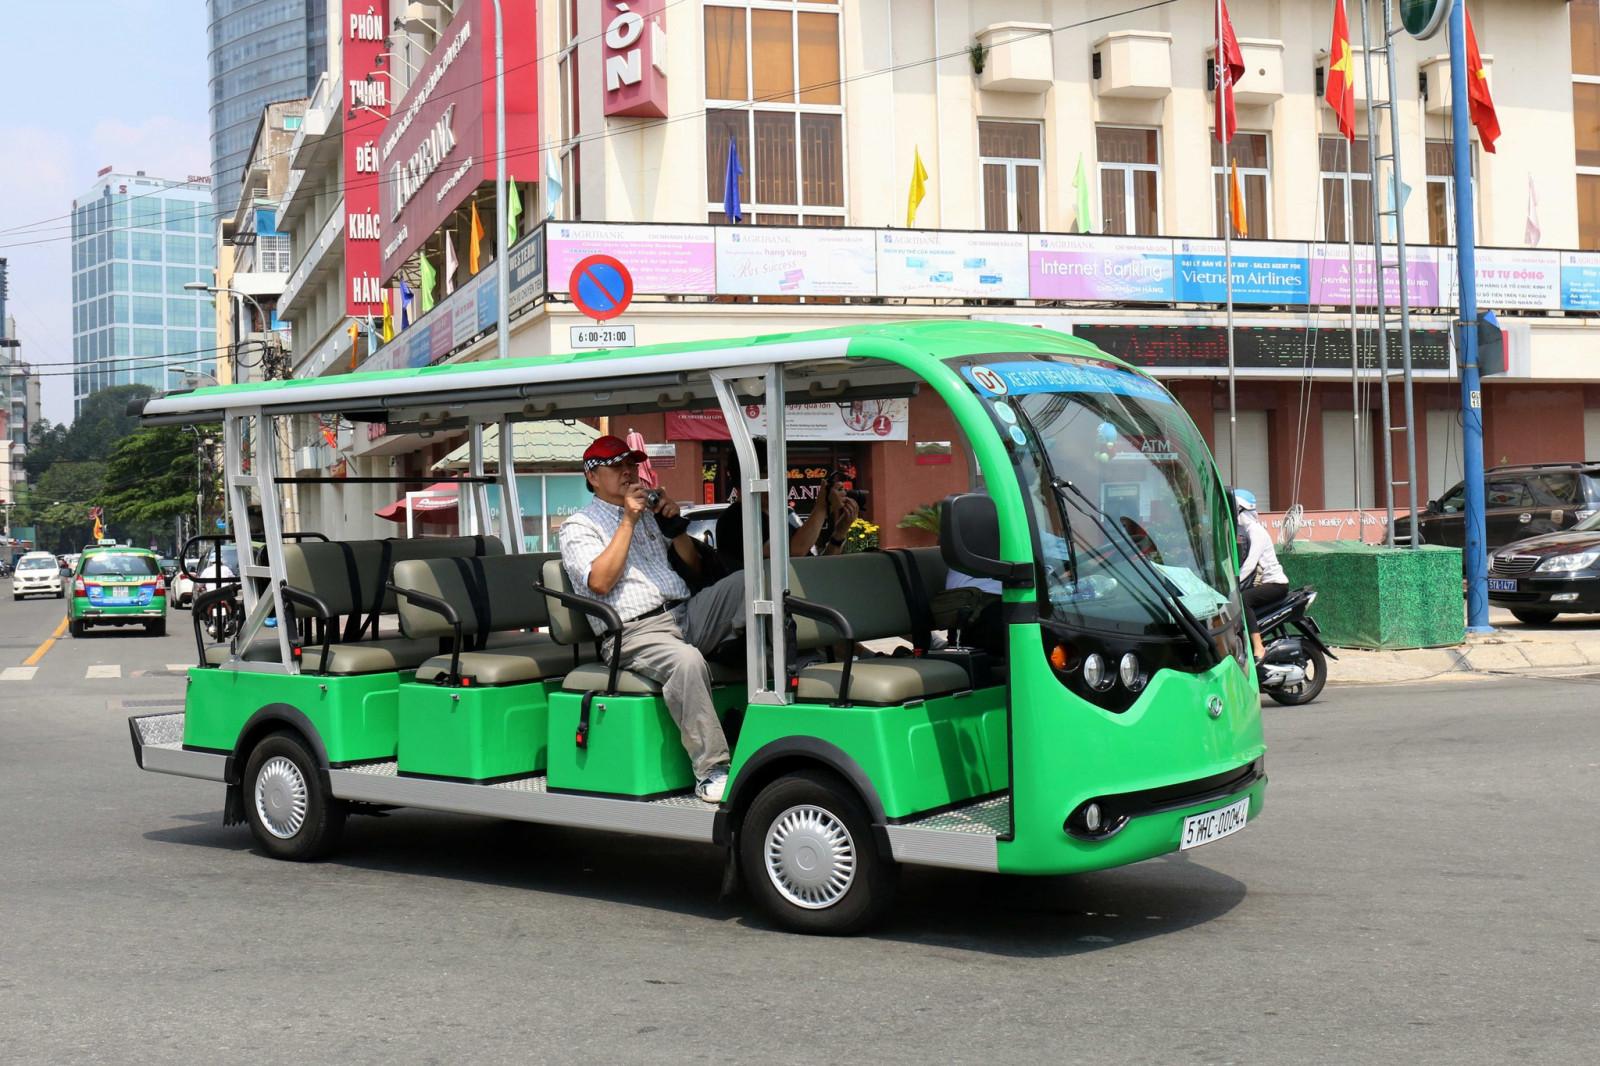 Loại hình xe buýt điện được Sở GTVT TP.HCM cho chạy thí điểm tại hai nơi là trung tâm thành phố và khu đô thị Phú Mỹ Hưng.